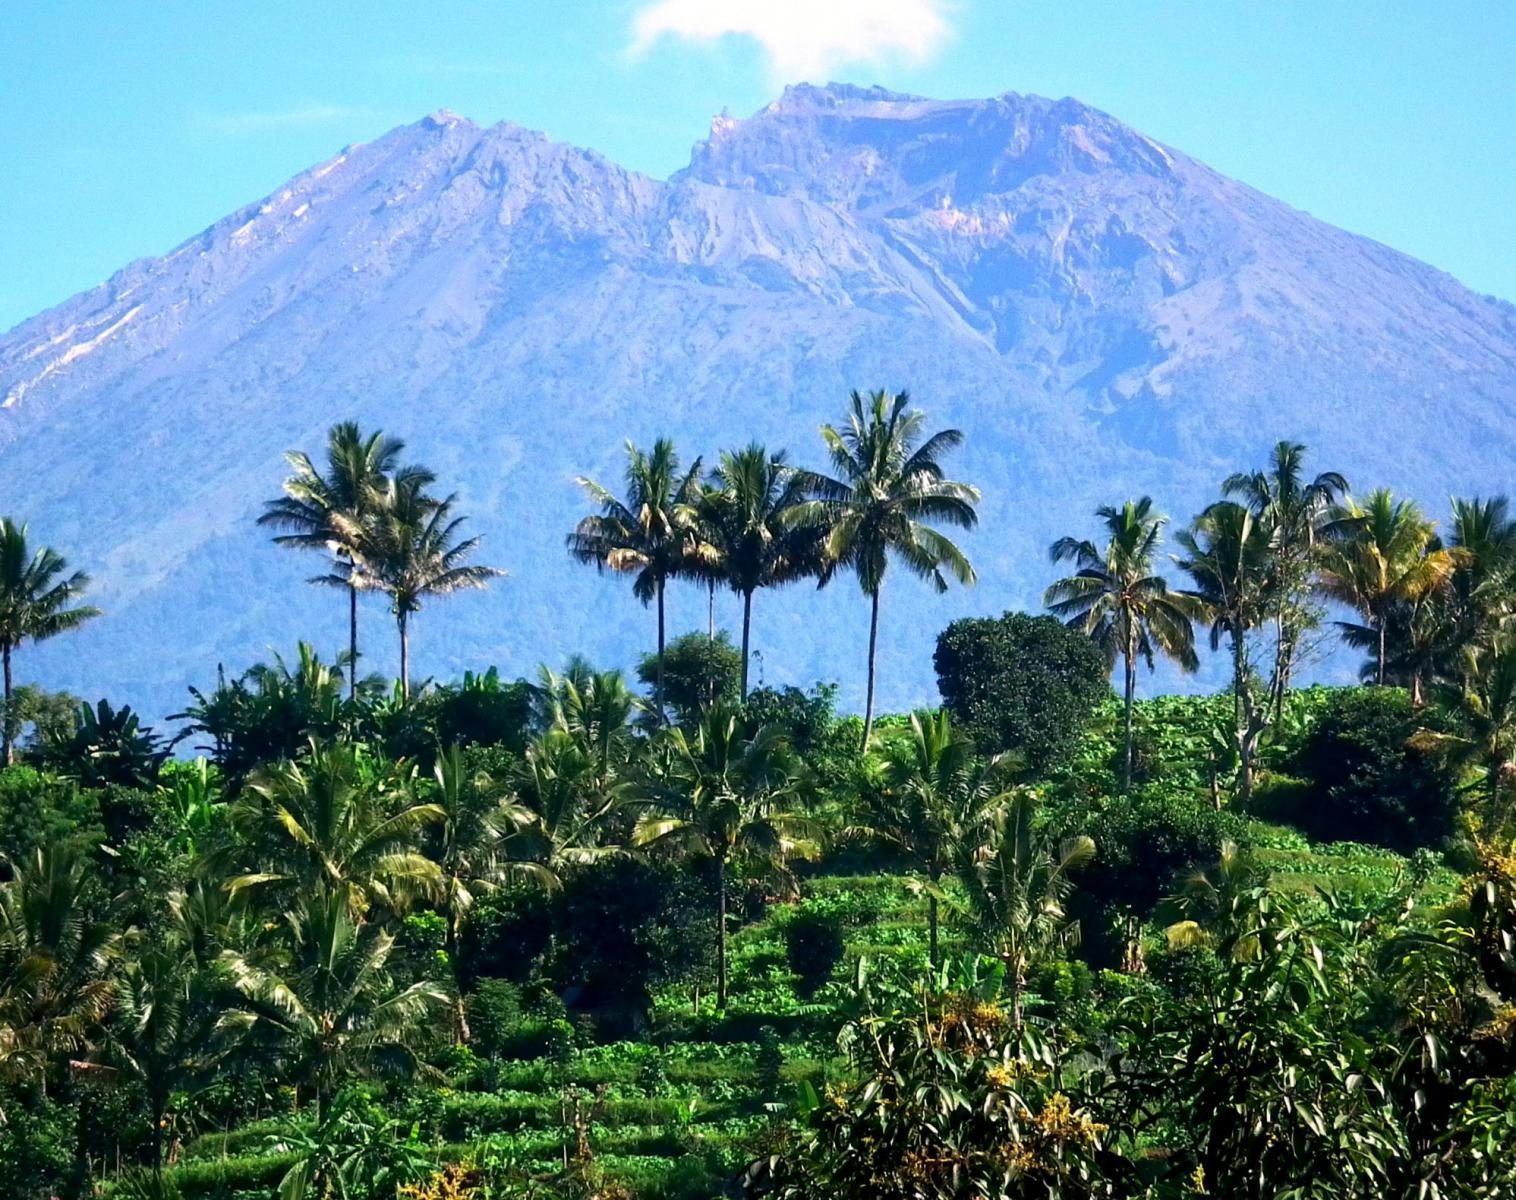 Indonésie  Bali, ma tribu au paradis   Balade nature Rencontres et cultures du Monde